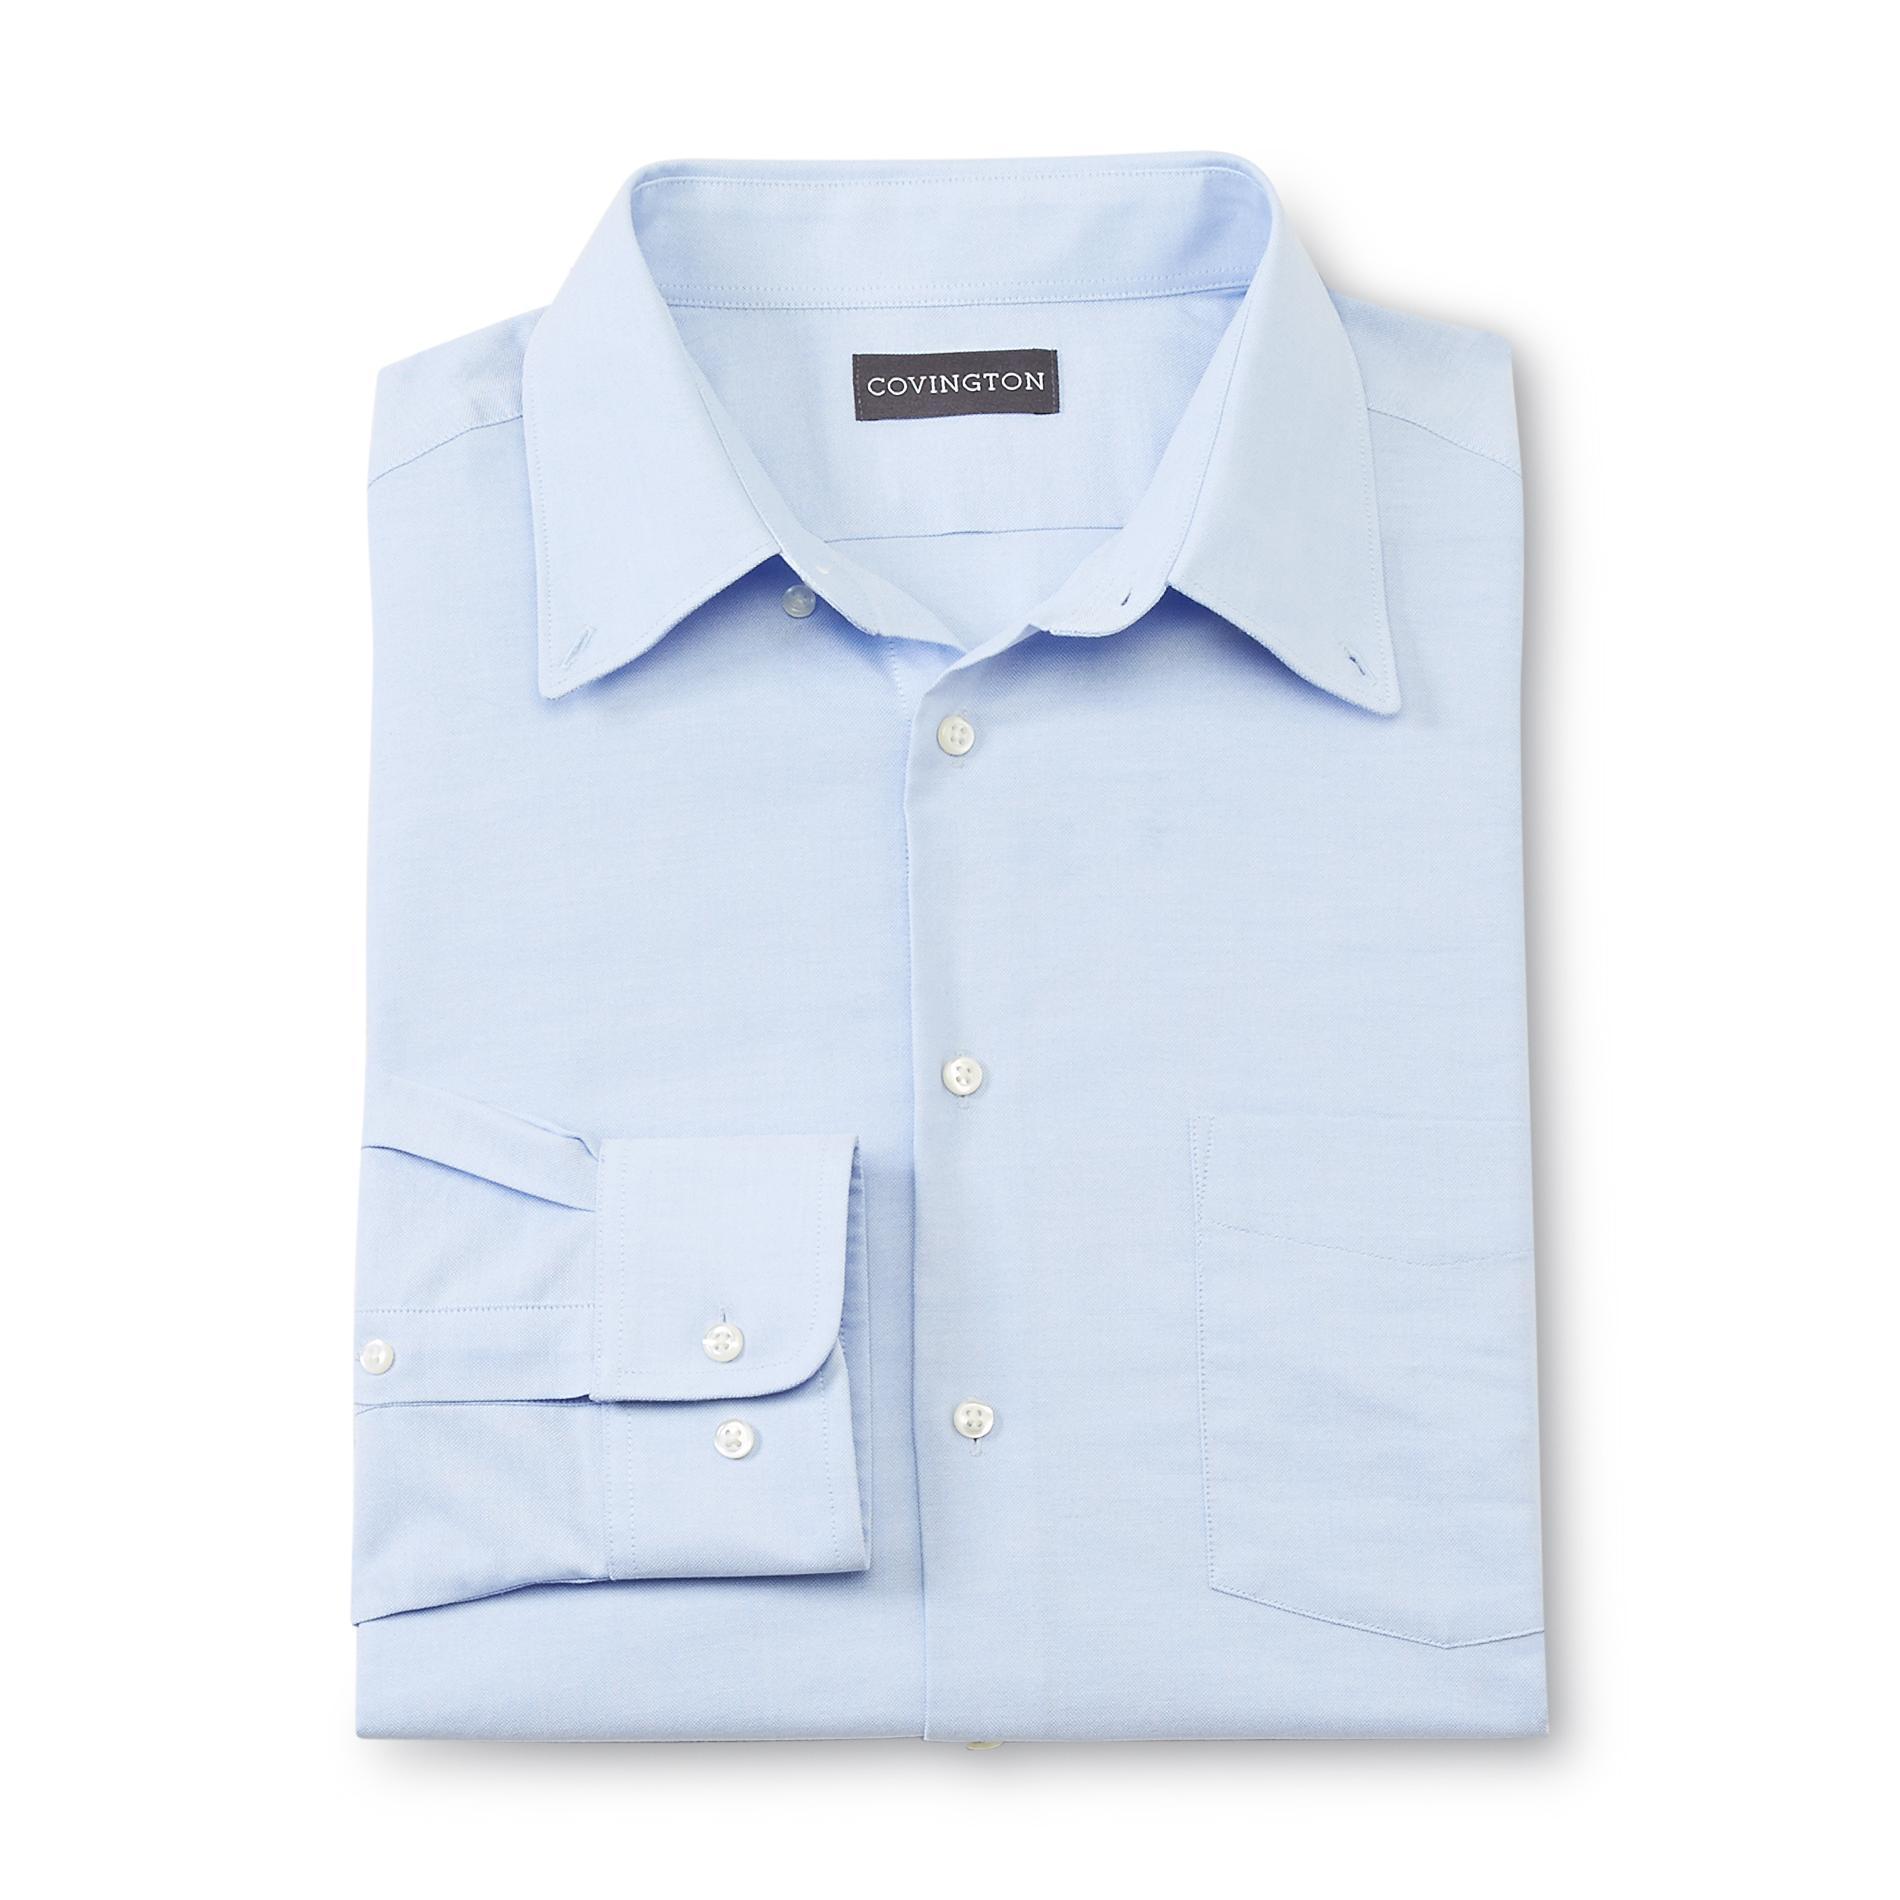 Covington Men's Oxford Performance Dress Shirt